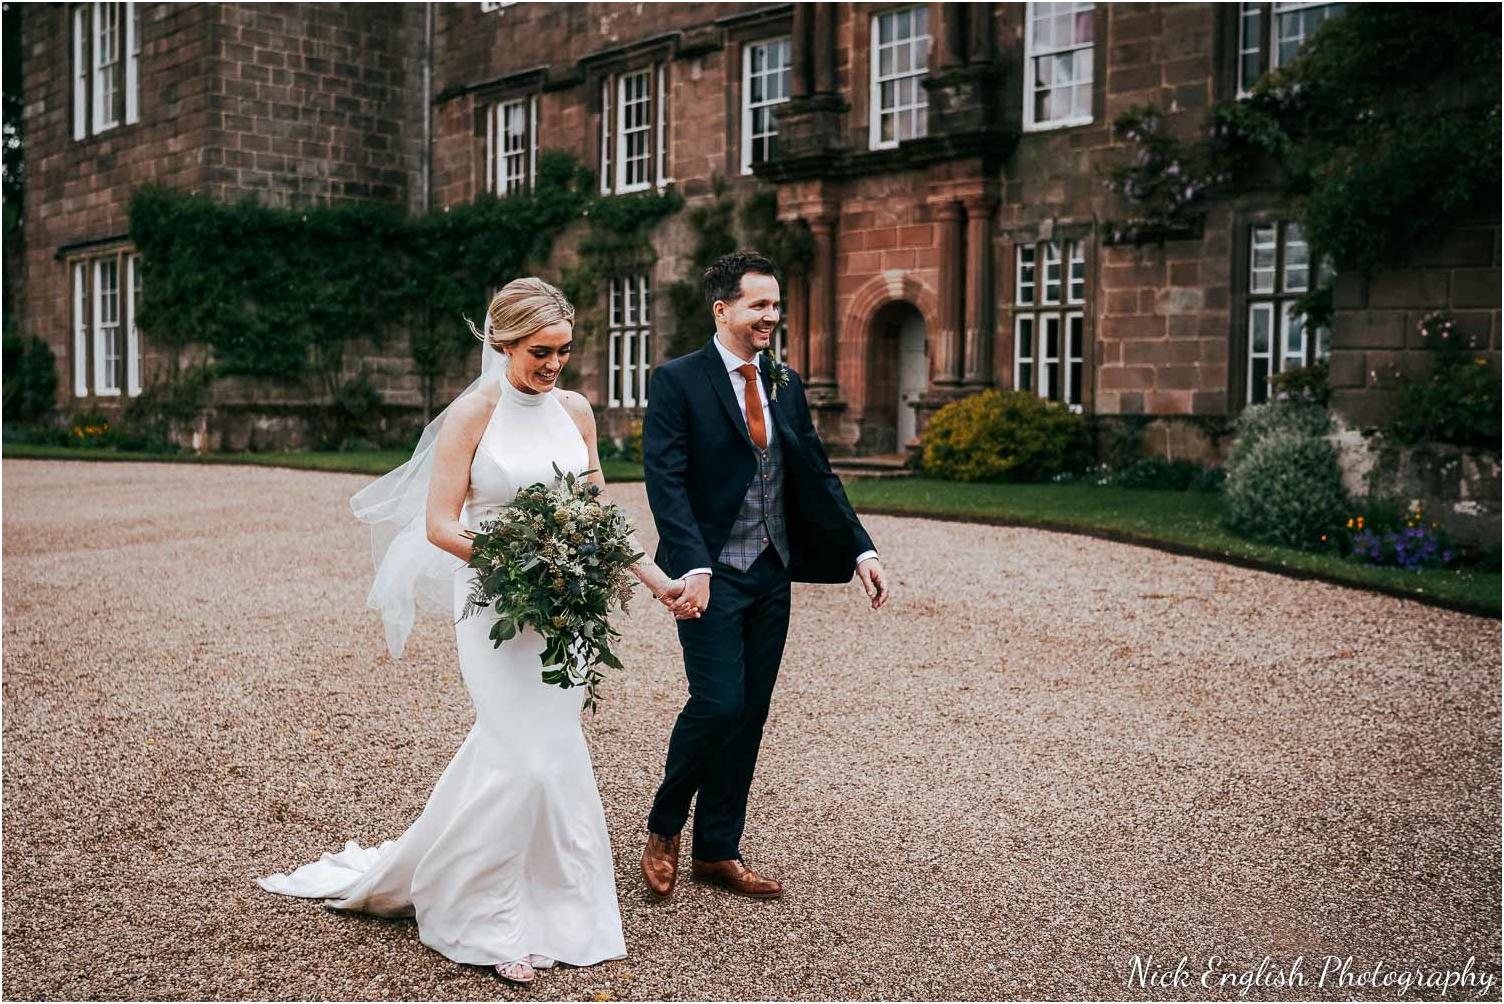 Browsholme_Hall_Wedding_Photograph-178.jpg